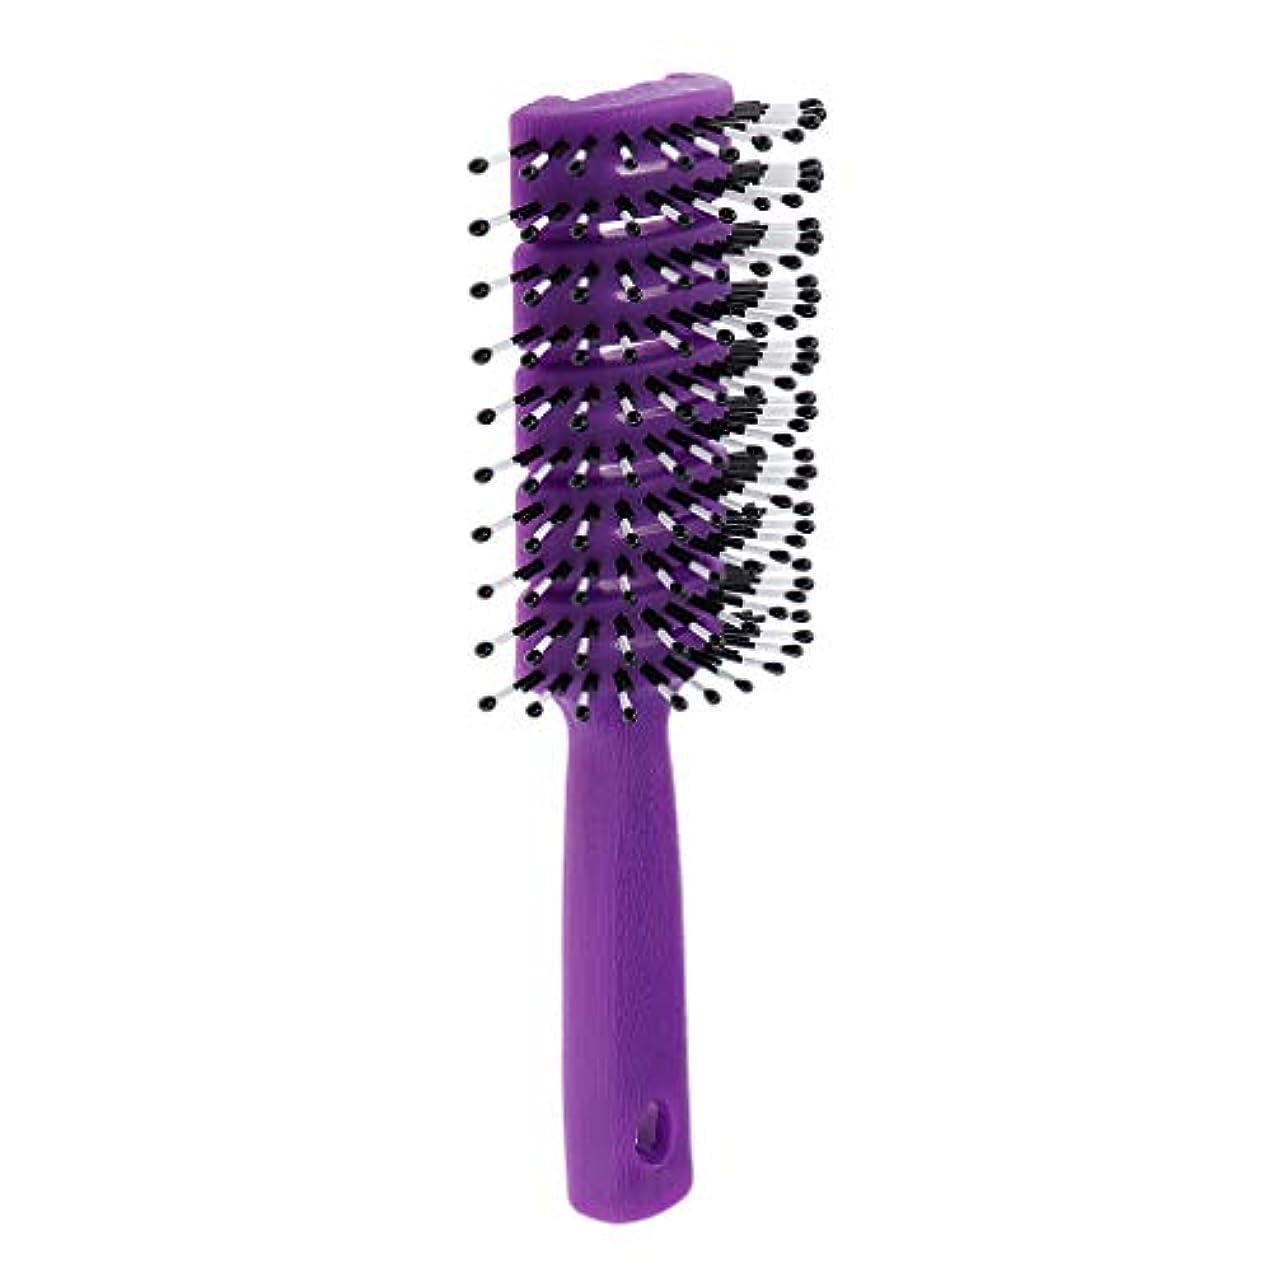 ベアリングサークル未接続想像力P Prettyia ヘアコーム 静電防止櫛 ヘアブラシ 頭皮マッサージ 快適 3色選べ - 紫